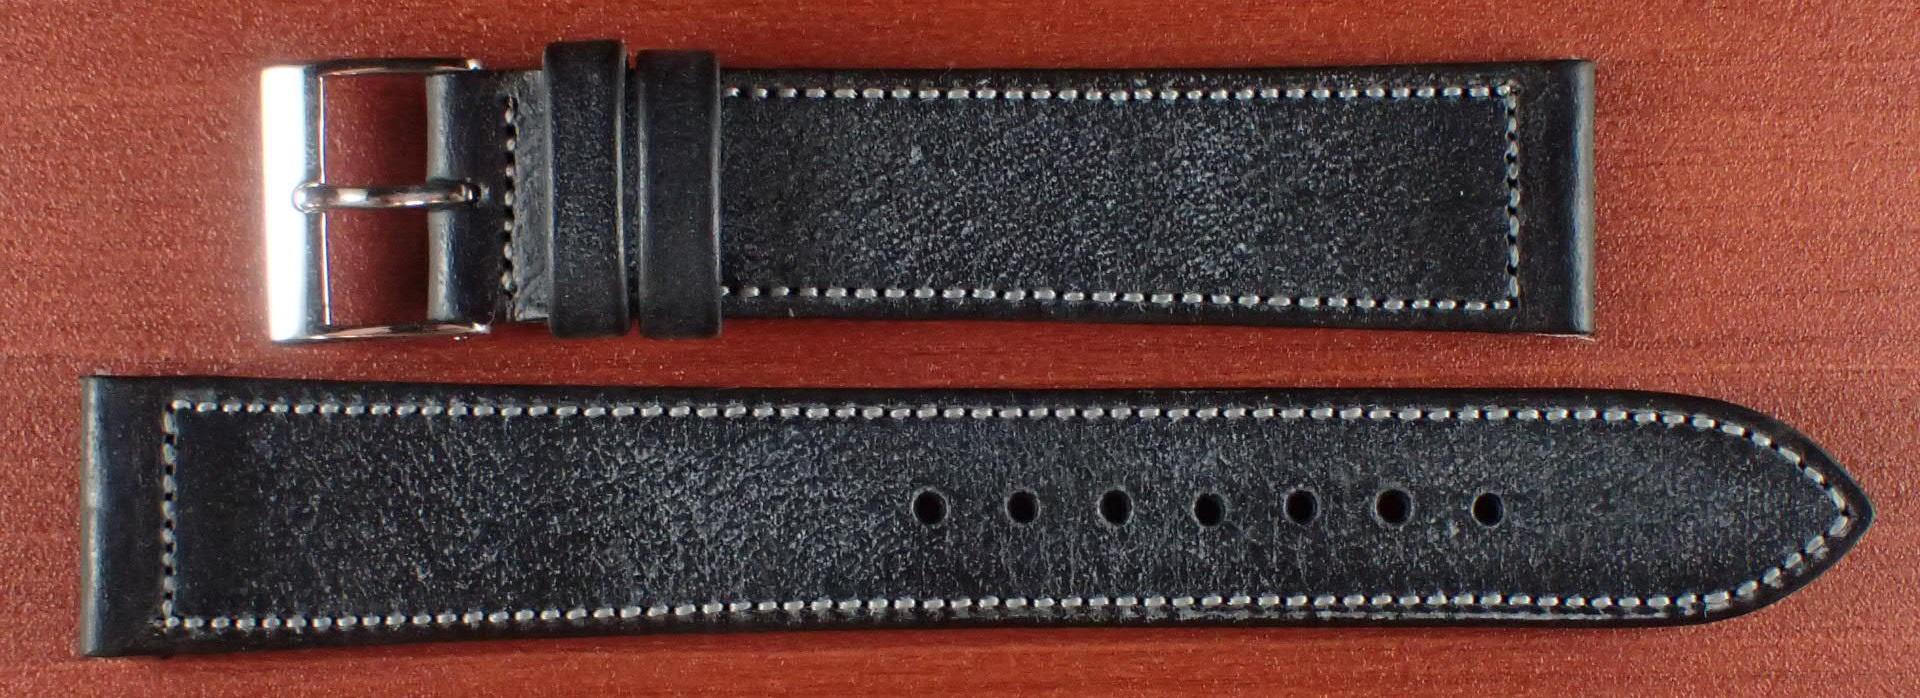 ブライドルレザーベルト ラ・ペルラ・アッズーラ アラスカ ブラック 16、17、18、19、20mm